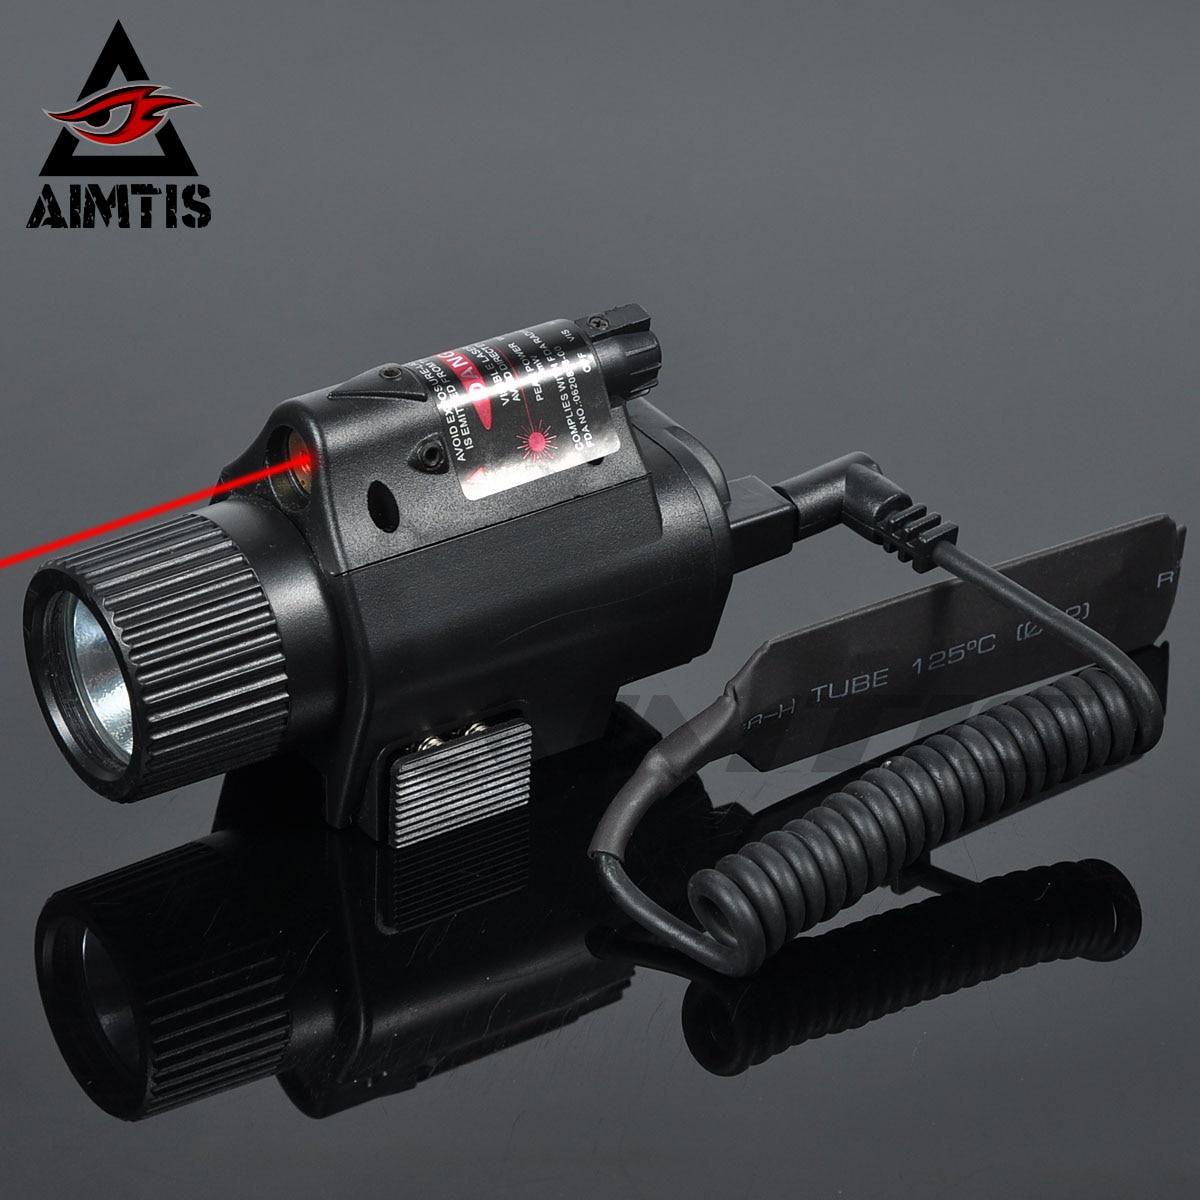 AIMTIS Mini pistolet Glock pistolet lumière chasse Camping pistolet équipement d'éclairage lampe de poche tactique vue rouge Laser lampe de poche LED